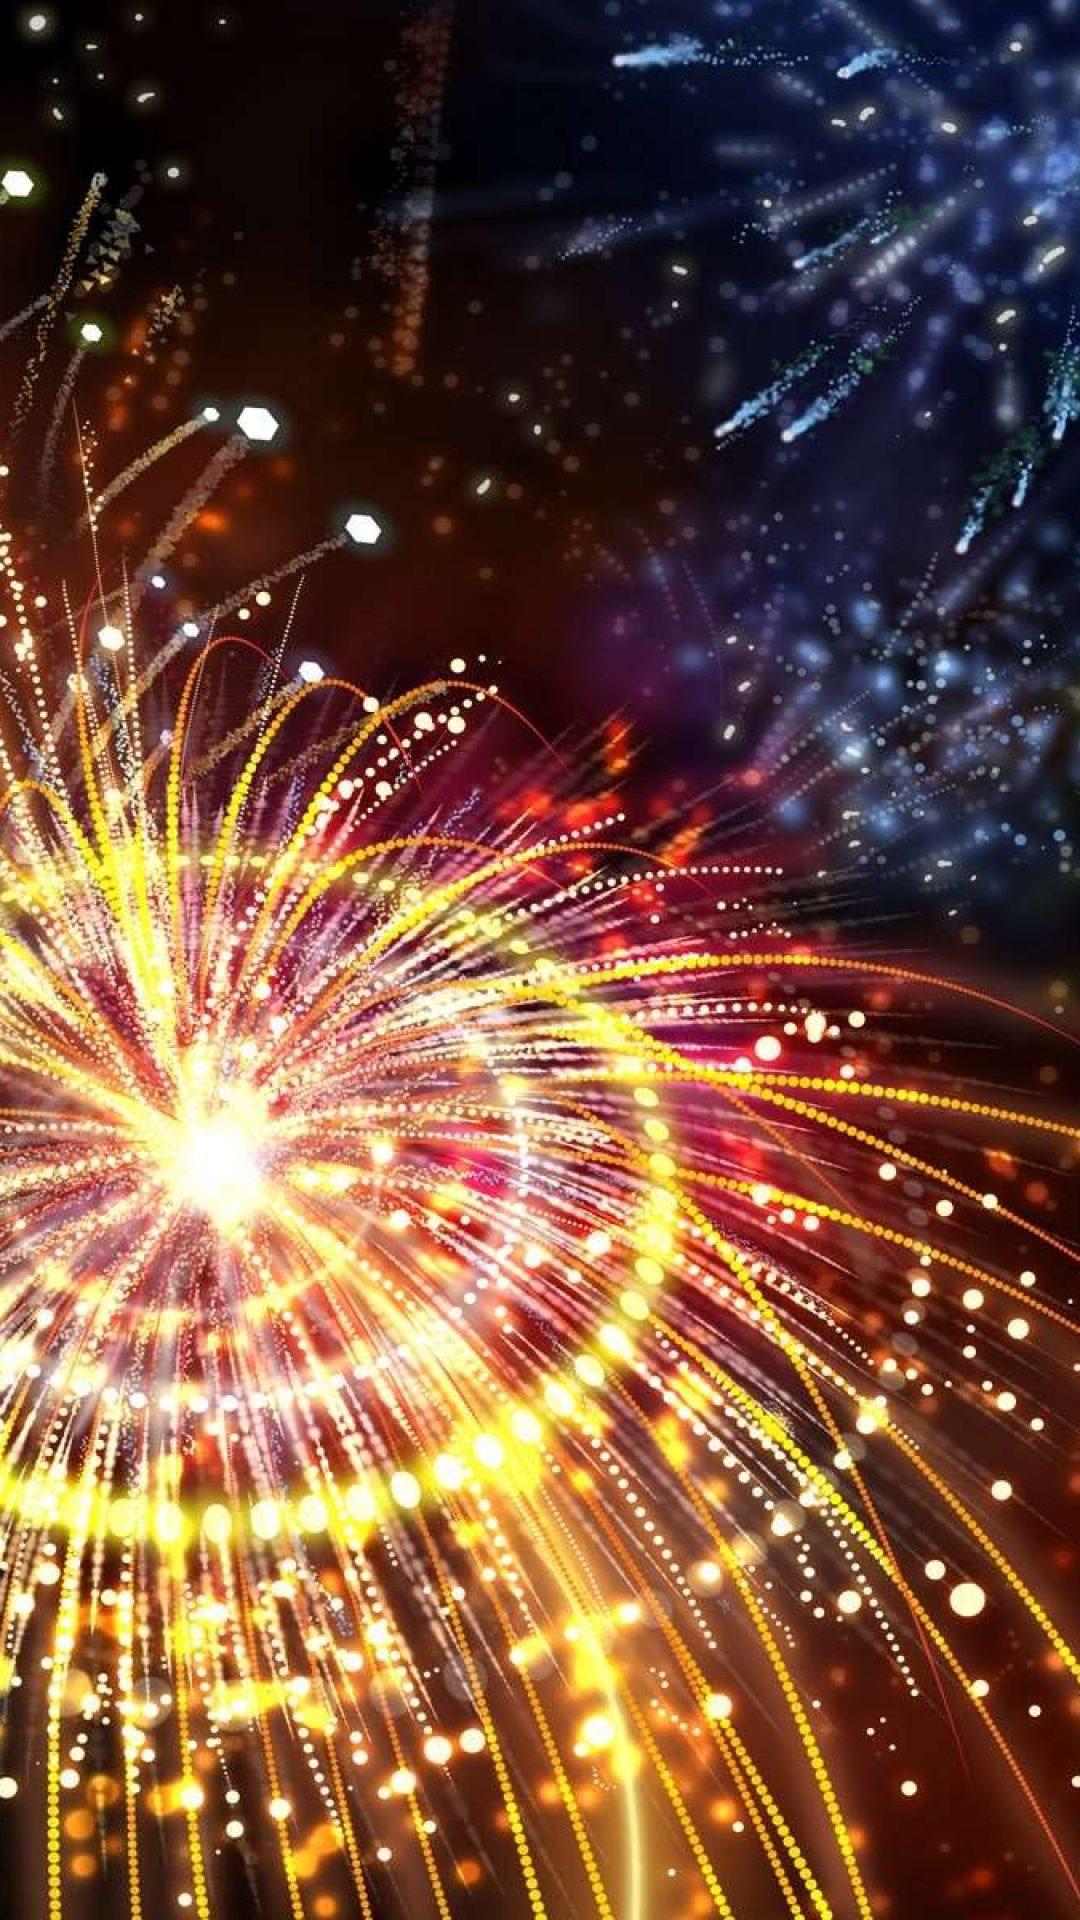 New Years Eve Desktop Wallpaper 1080x1920